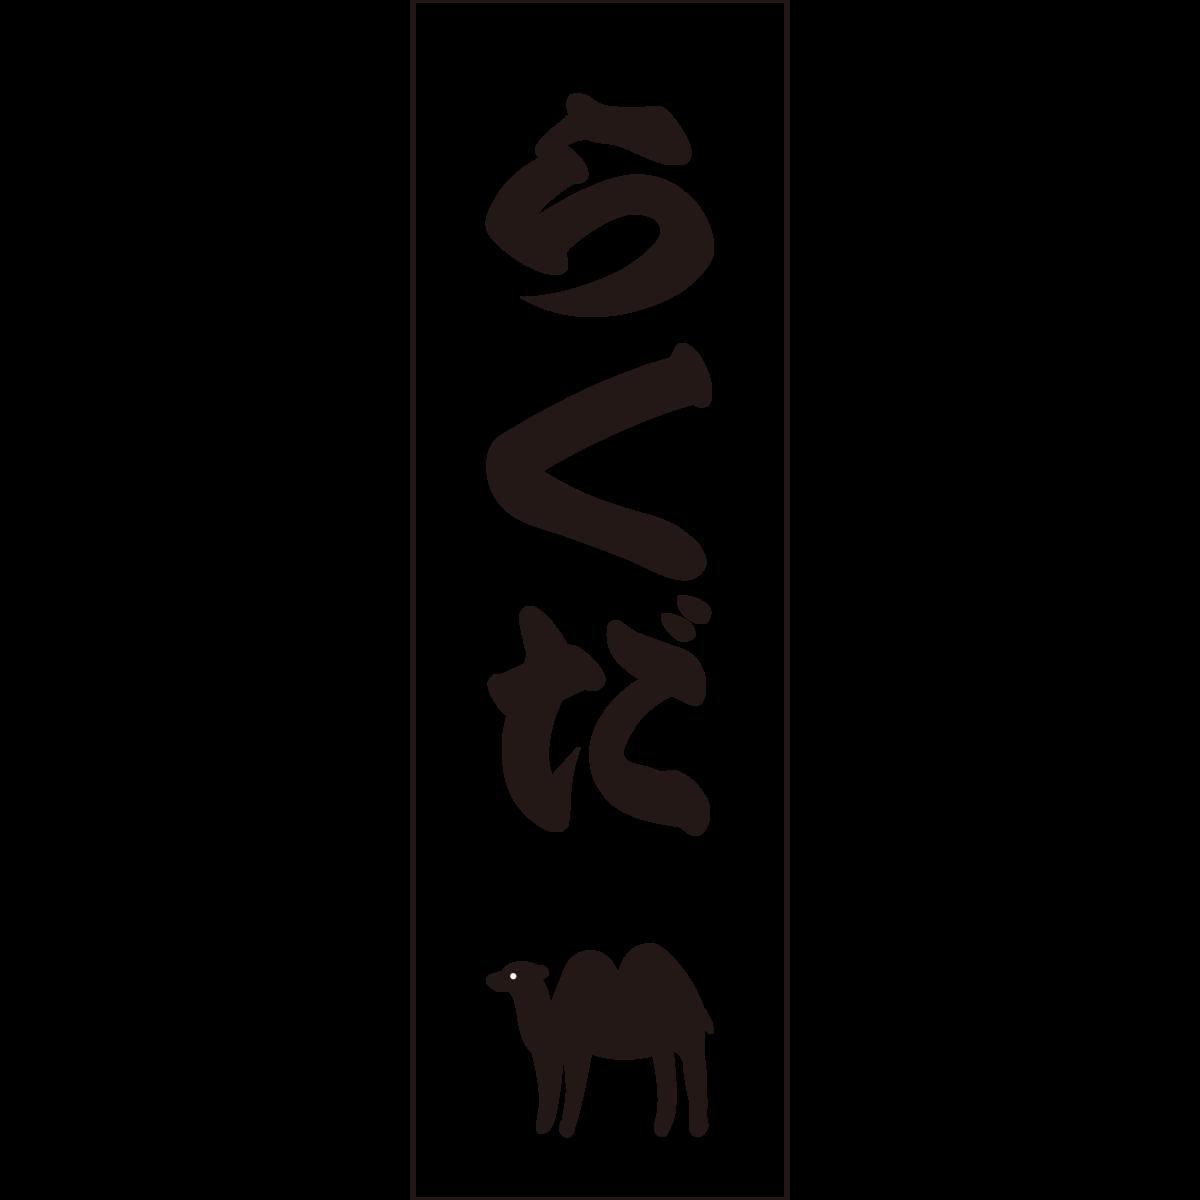 f:id:mojiru:20190319090214p:plain